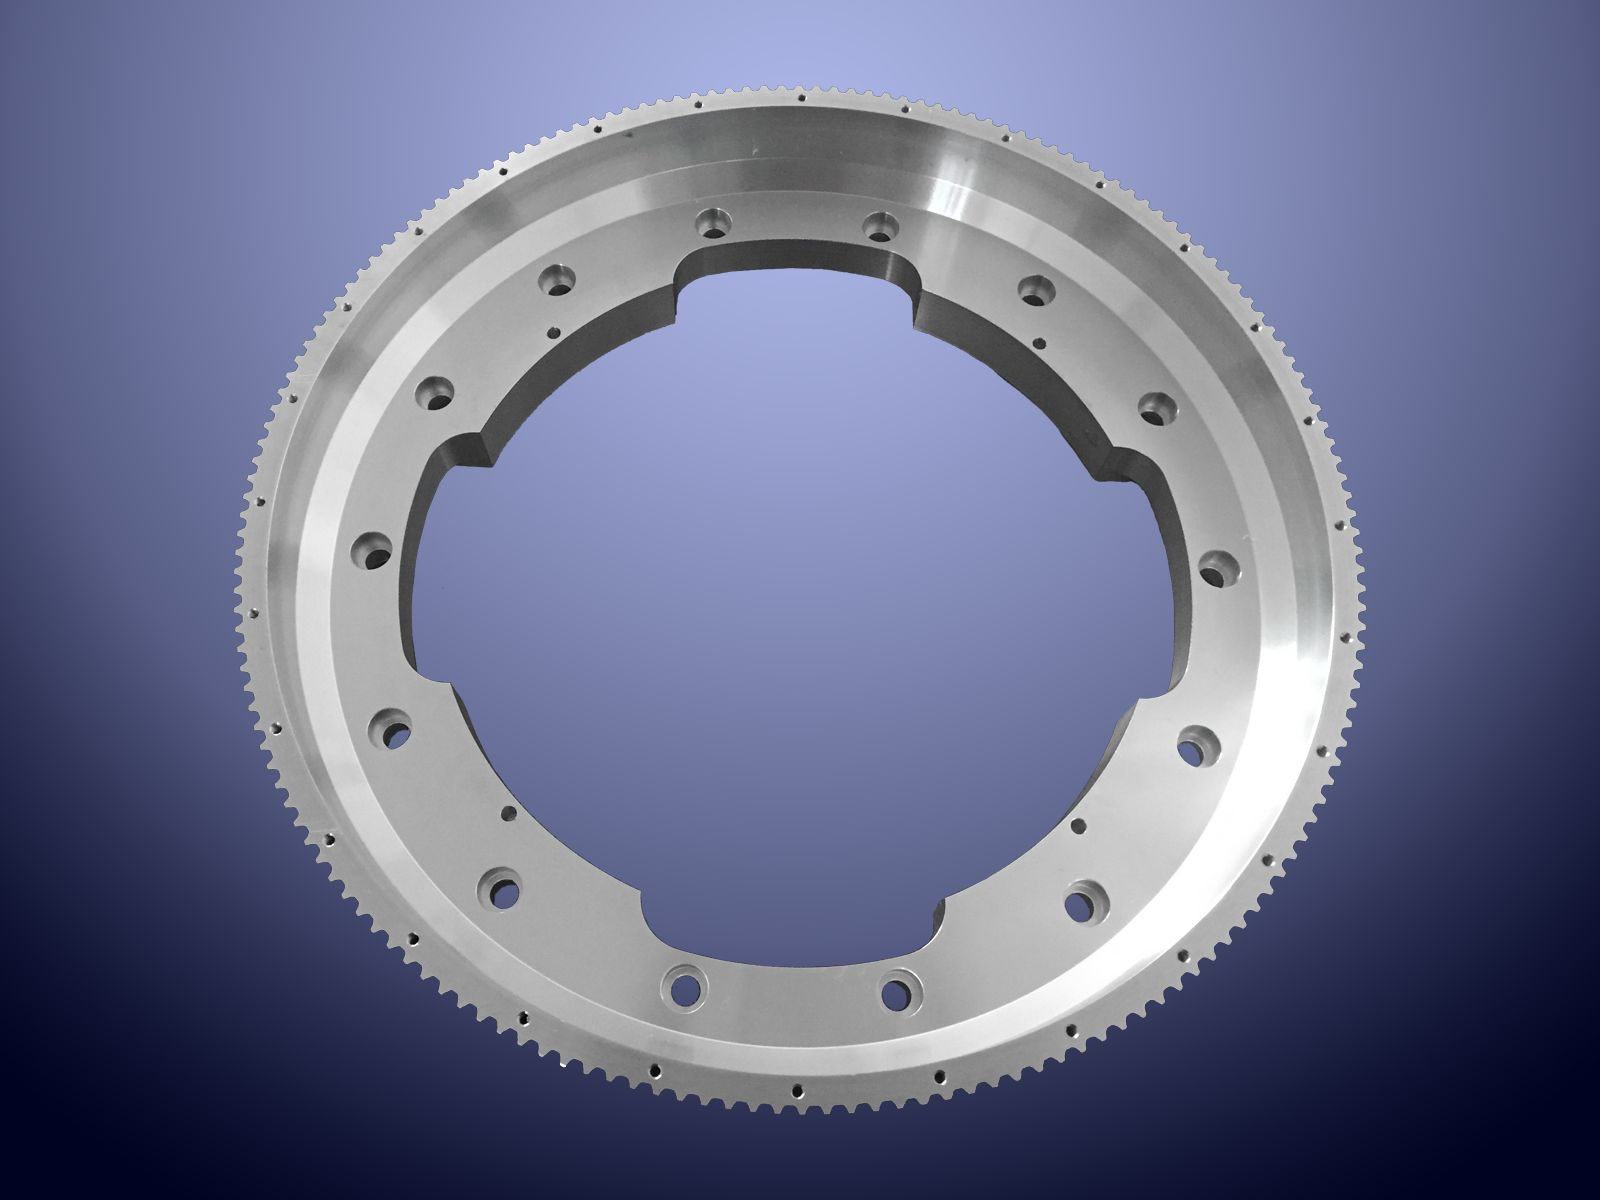 Il diametro massimo che possiamo realizzare per le pulegge dentate è di circa 800 mm